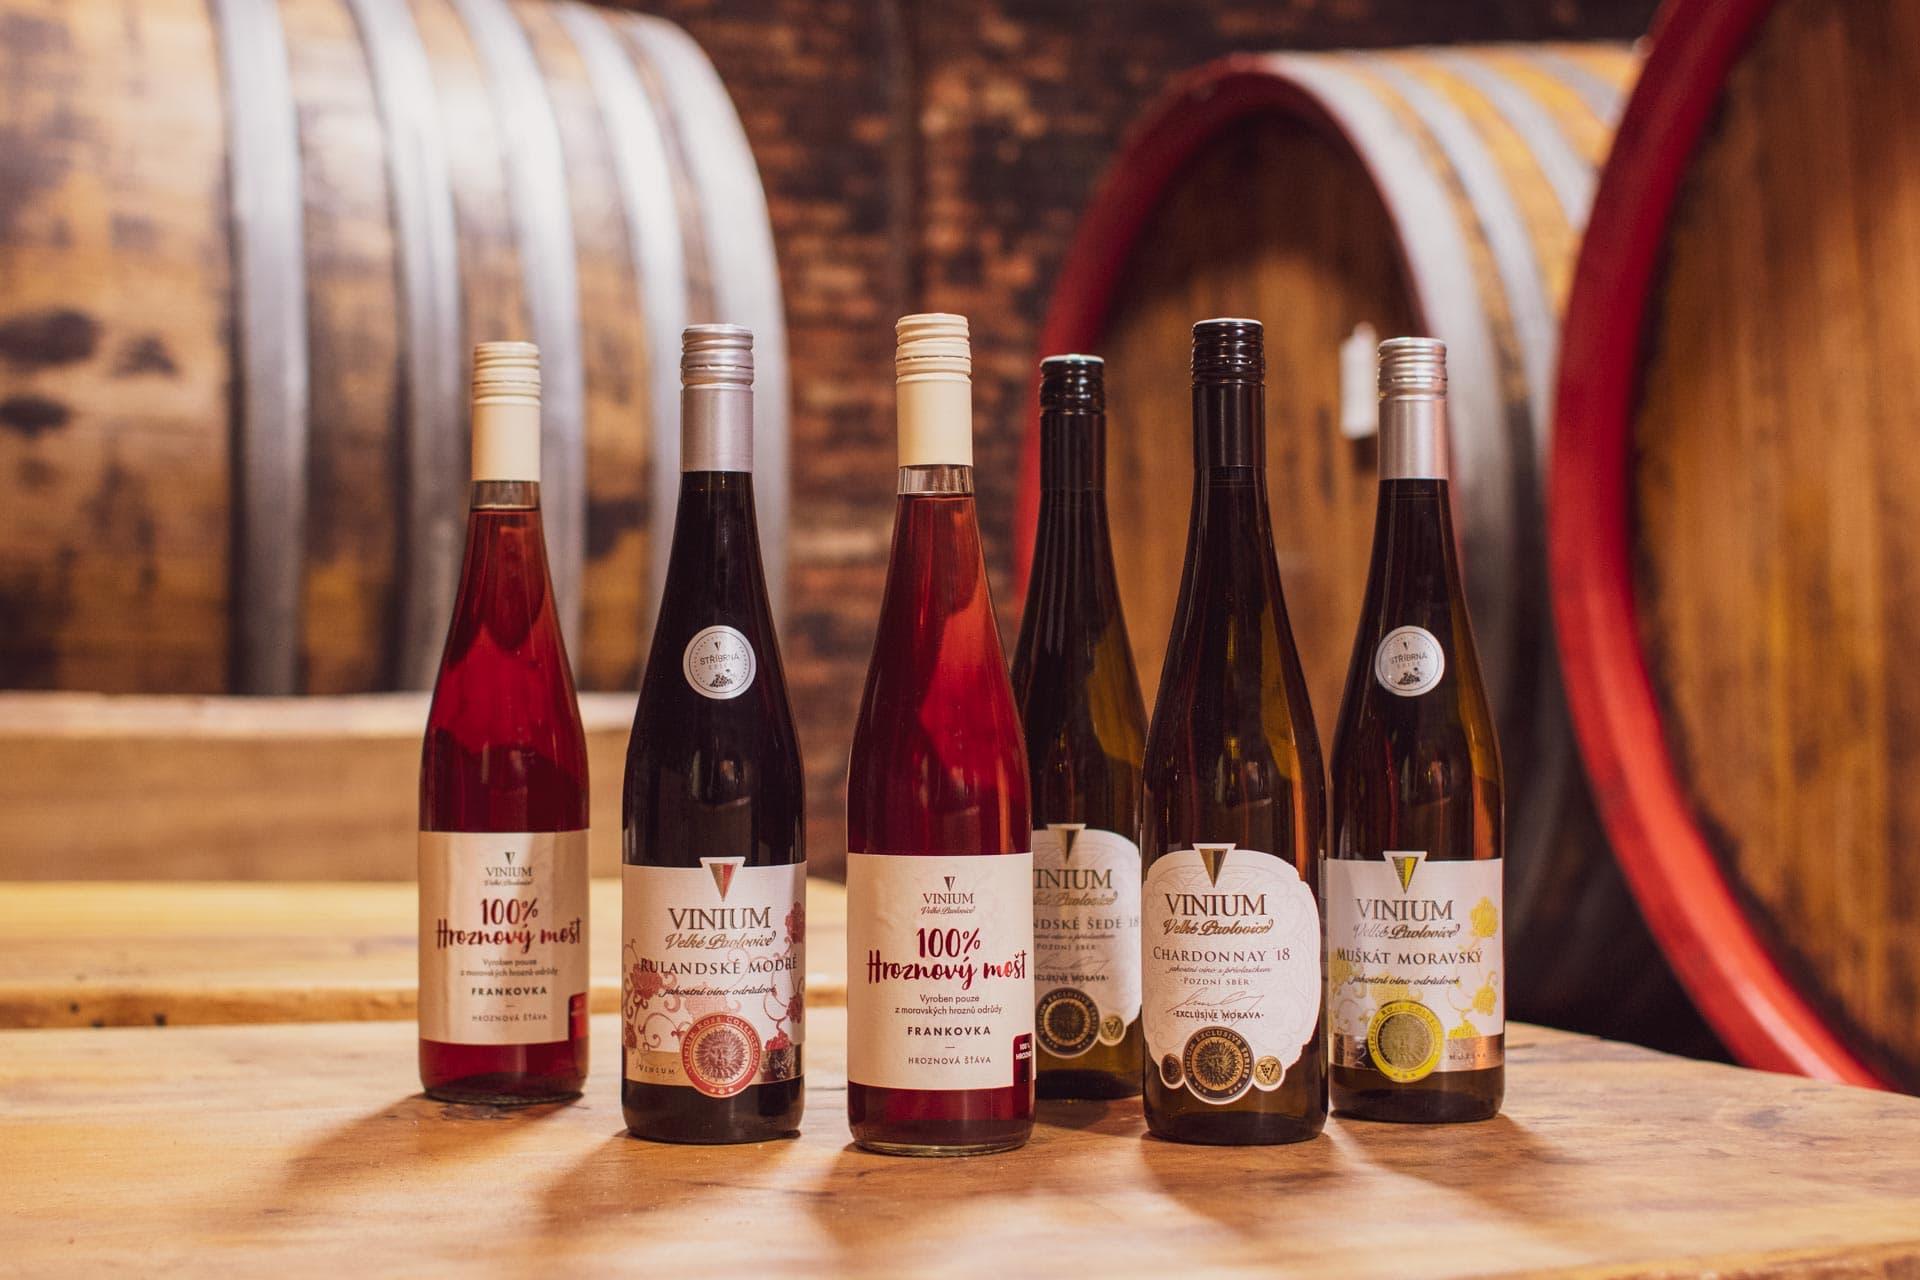 Degustační balíček vín, mix vín, karton vína, přívlastkové víno, hroznový mošt, VINIUM